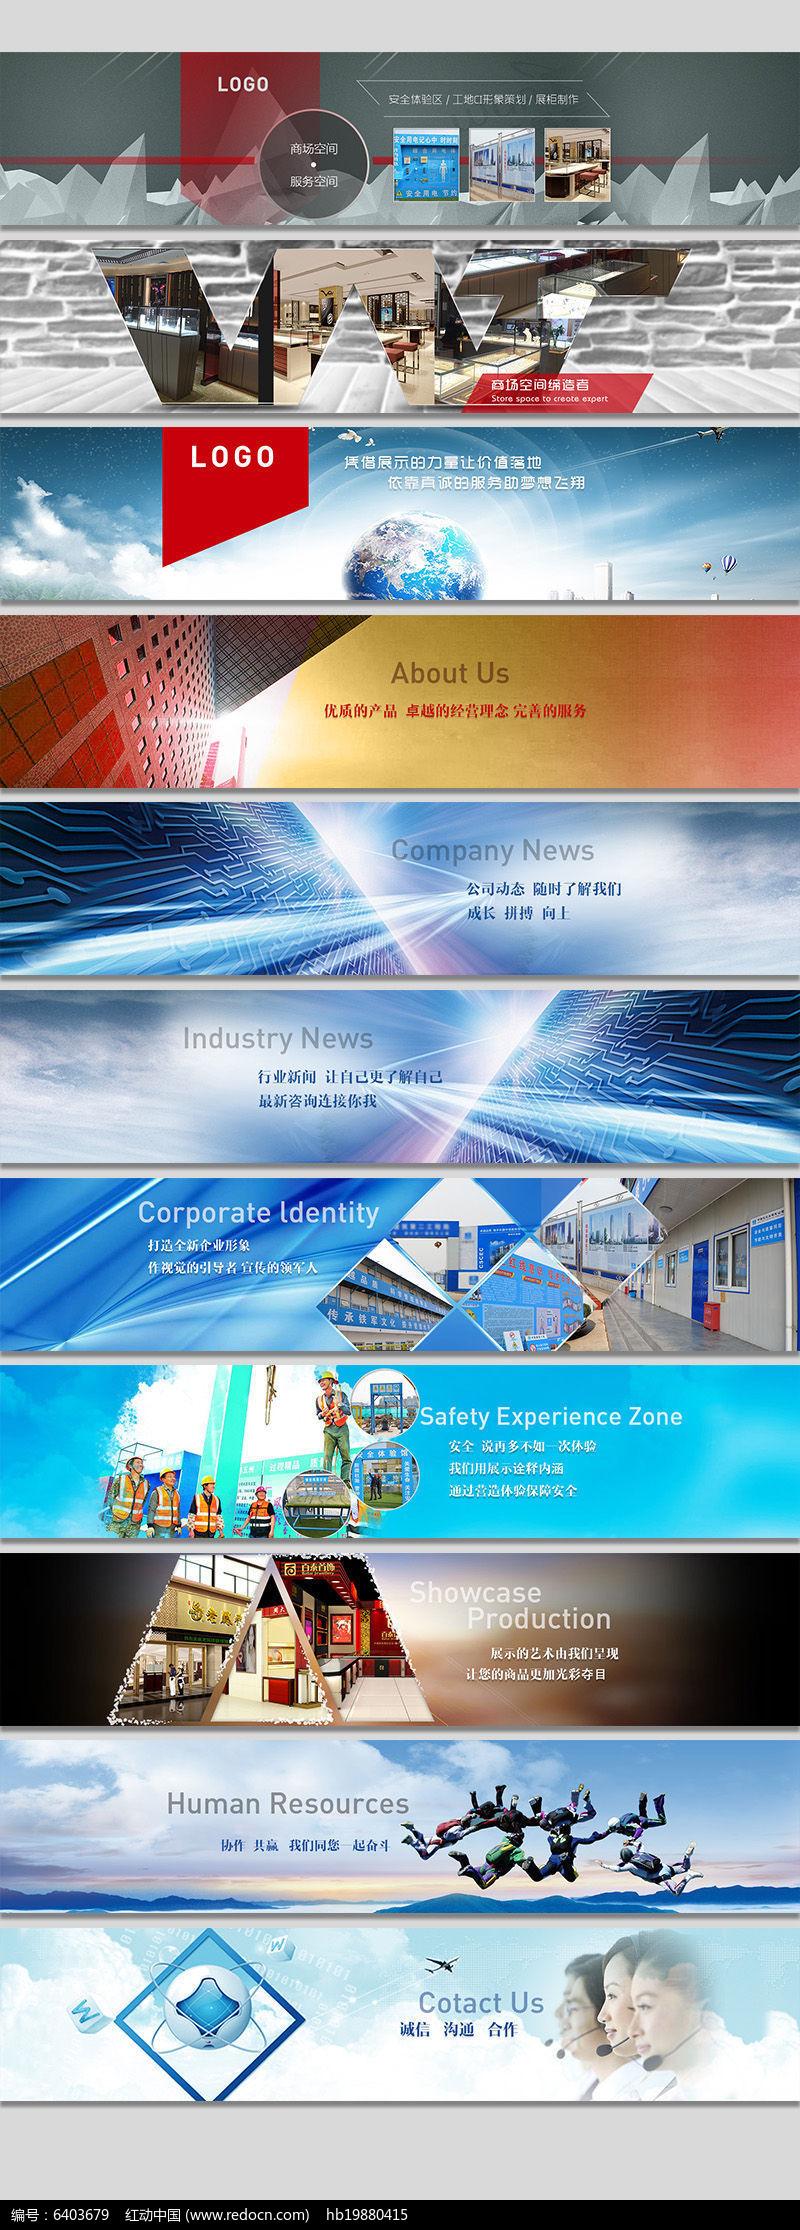 商务风格全套展示公司企业banner PSD分层素材图片